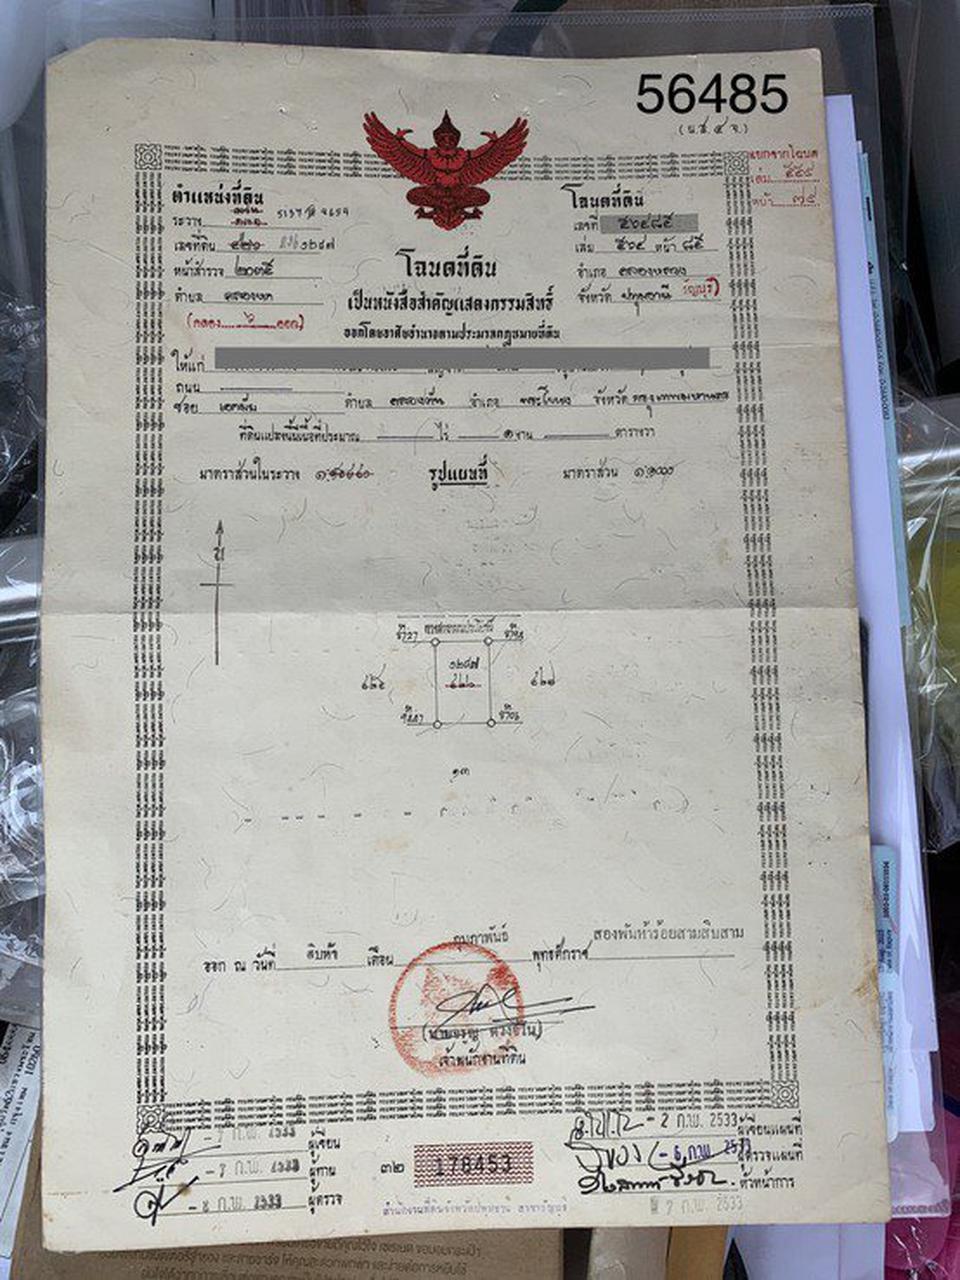 ขายที่ดิน ติดคลังสินค้าบิ๊กซี ธัญบุรี ขายด่วน!! 1 ไร่ 4 แปลง แปลงละ 1 งาน รูปที่ 1